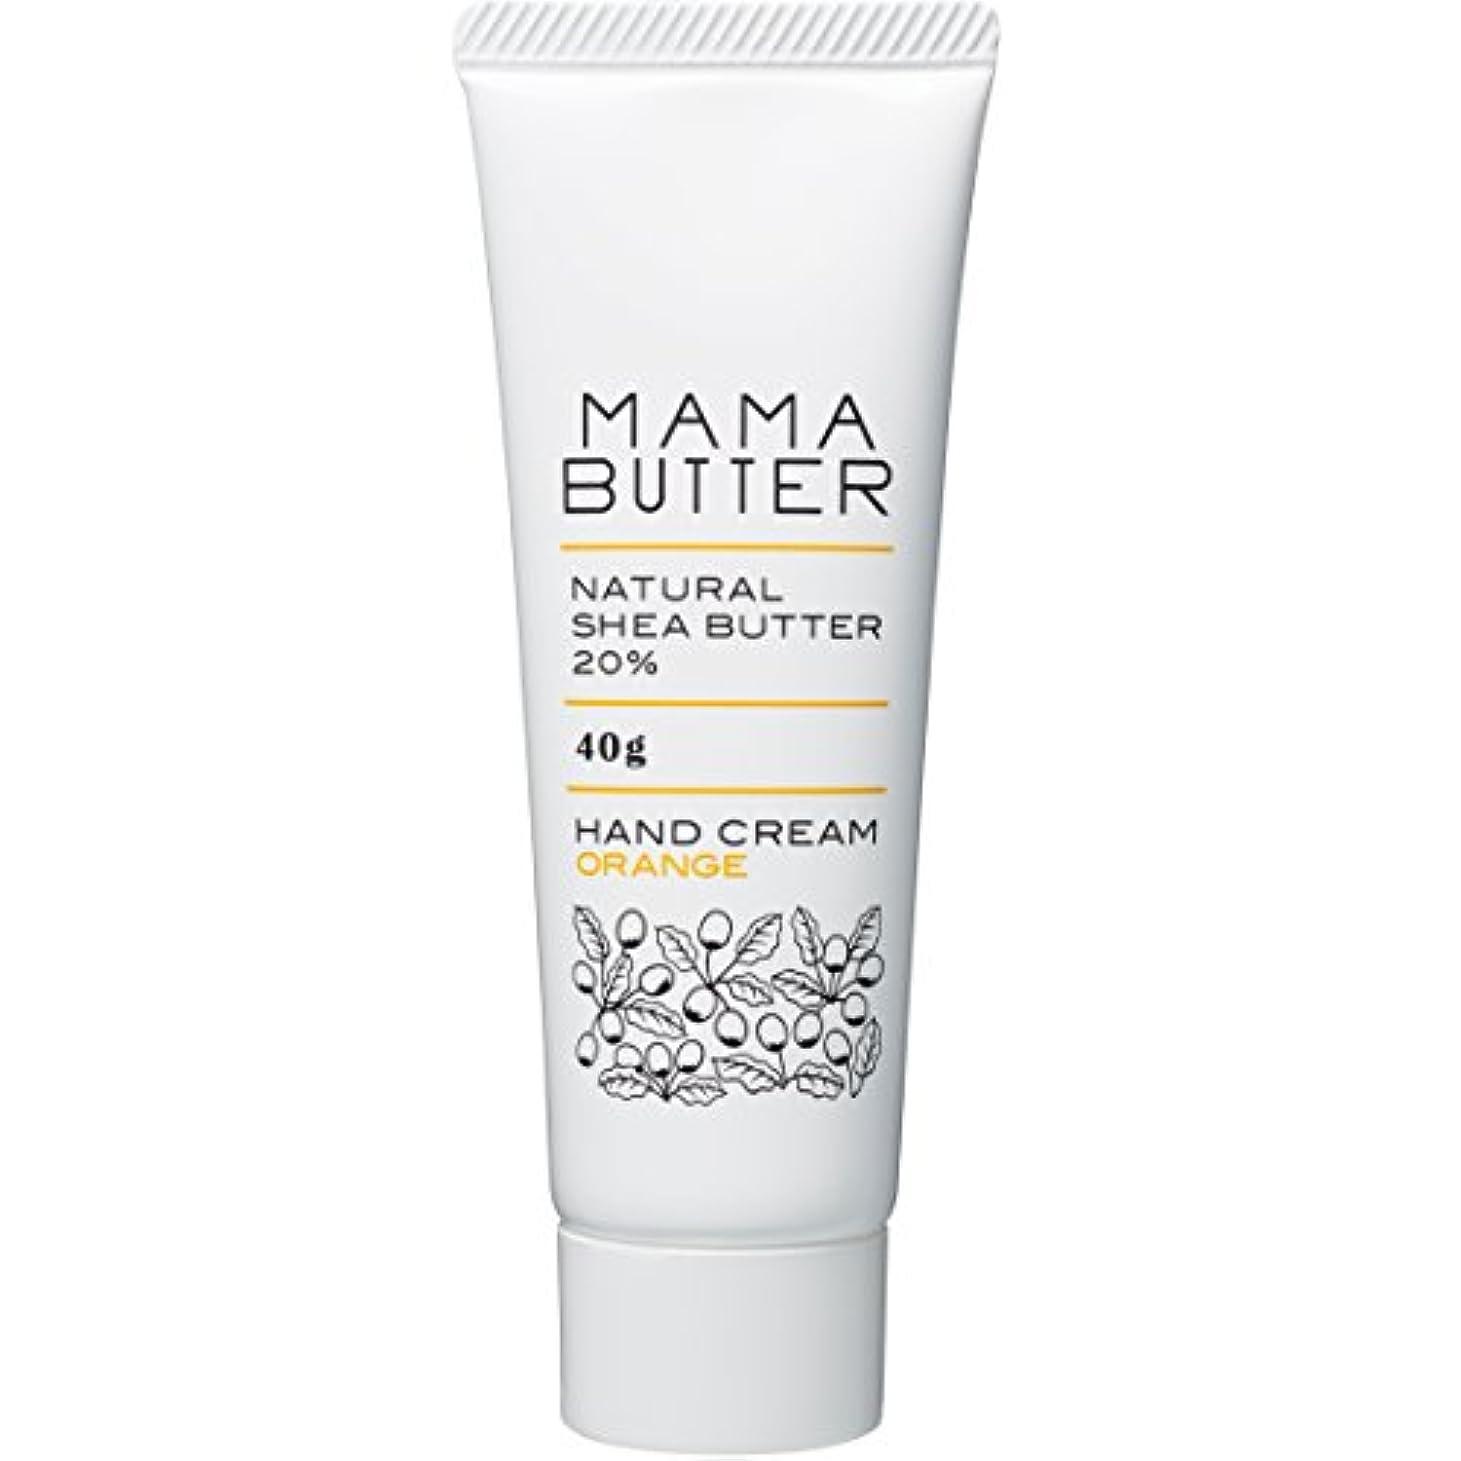 事業内容現代強打ママバター ハンドクリーム オレンジ 40g